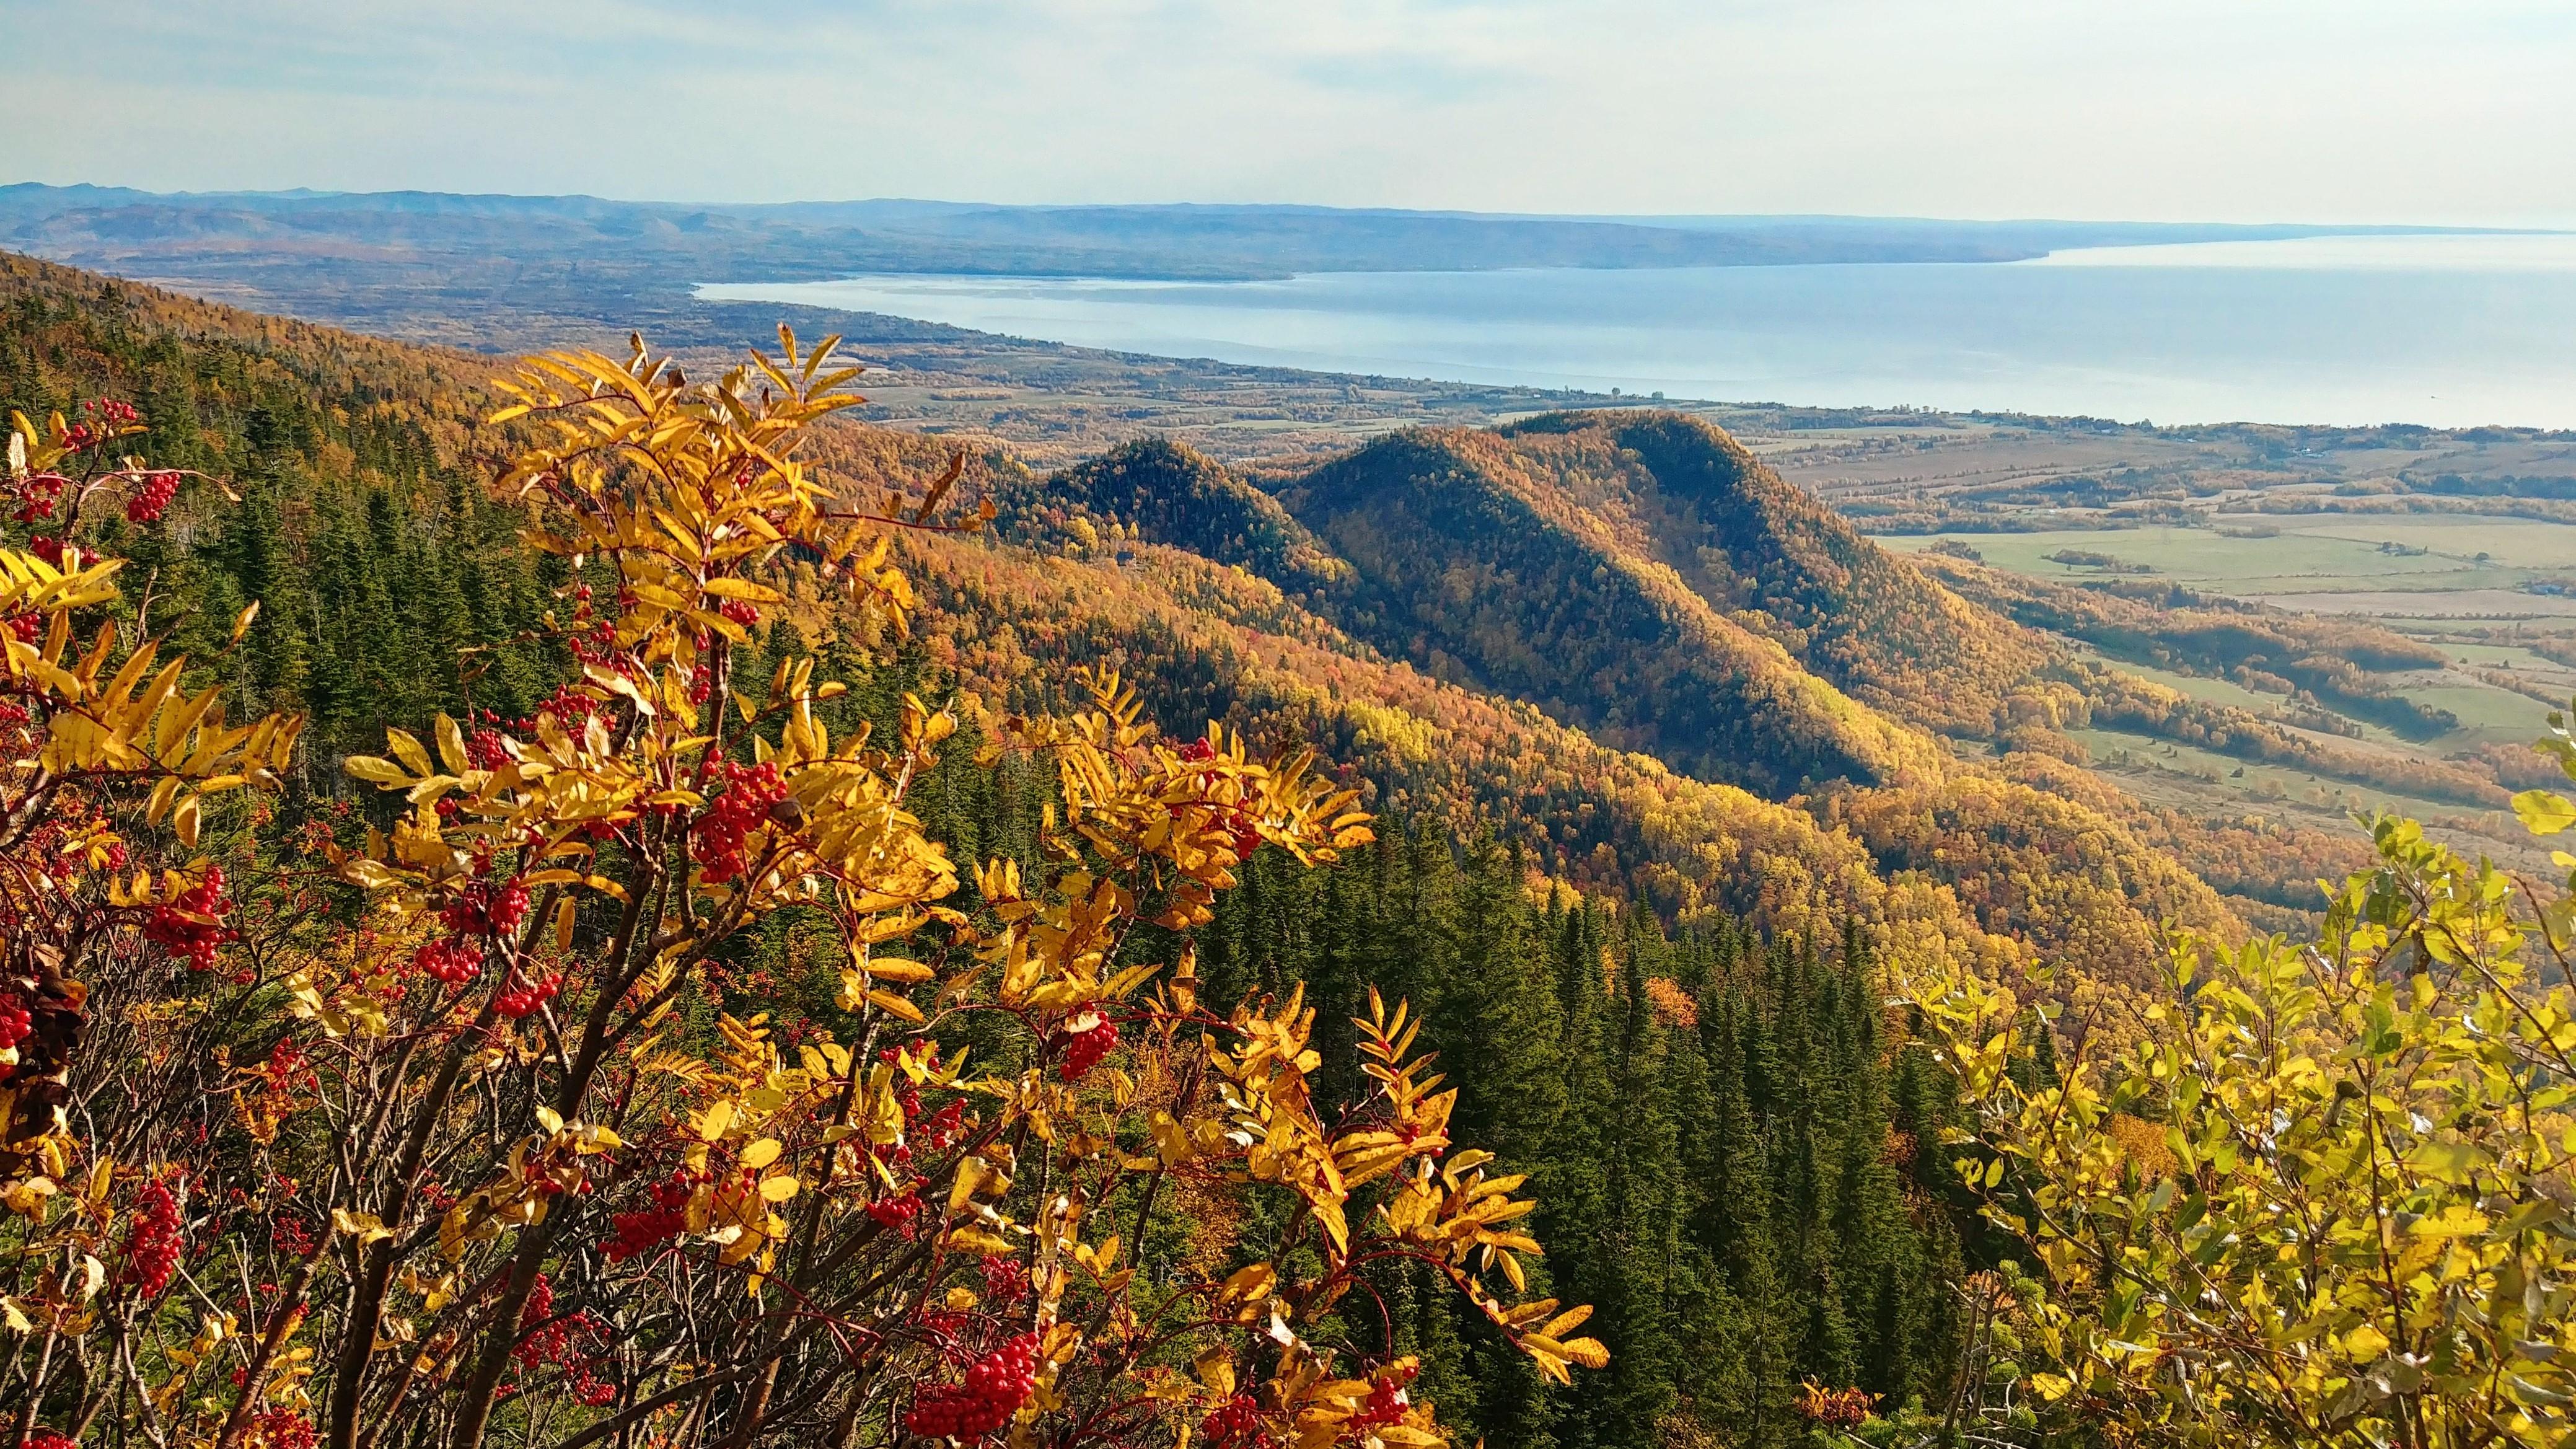 Mont Saint Joseph Carleton sur Mer Baie des Chaleurs Quebec blog voyage road-trip canada automne arpenter le chemin